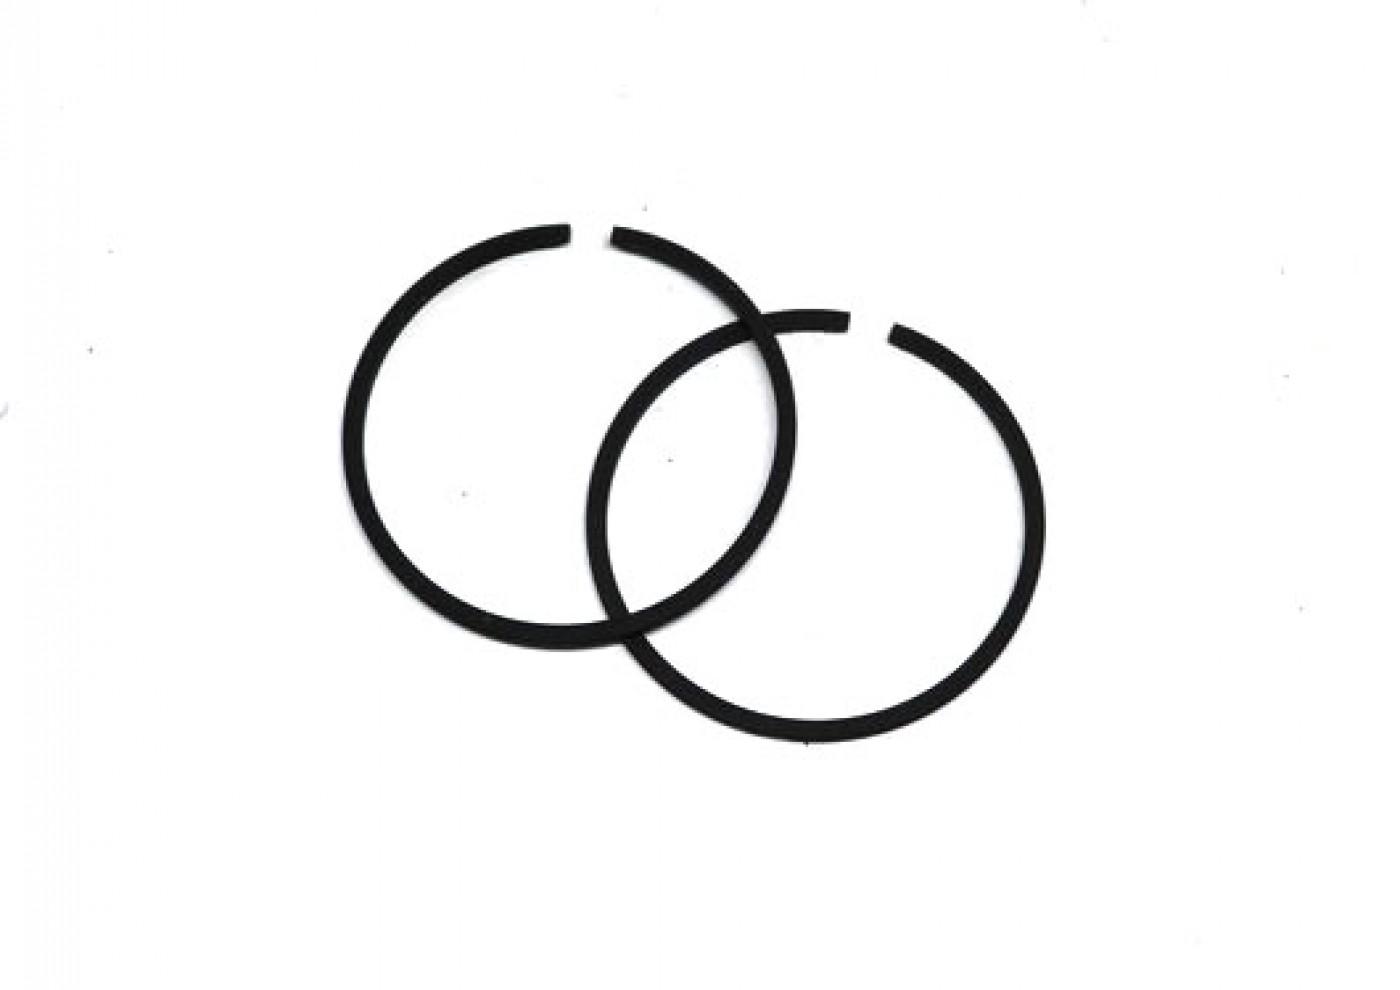 Sada pístních kroužků - 50 mm